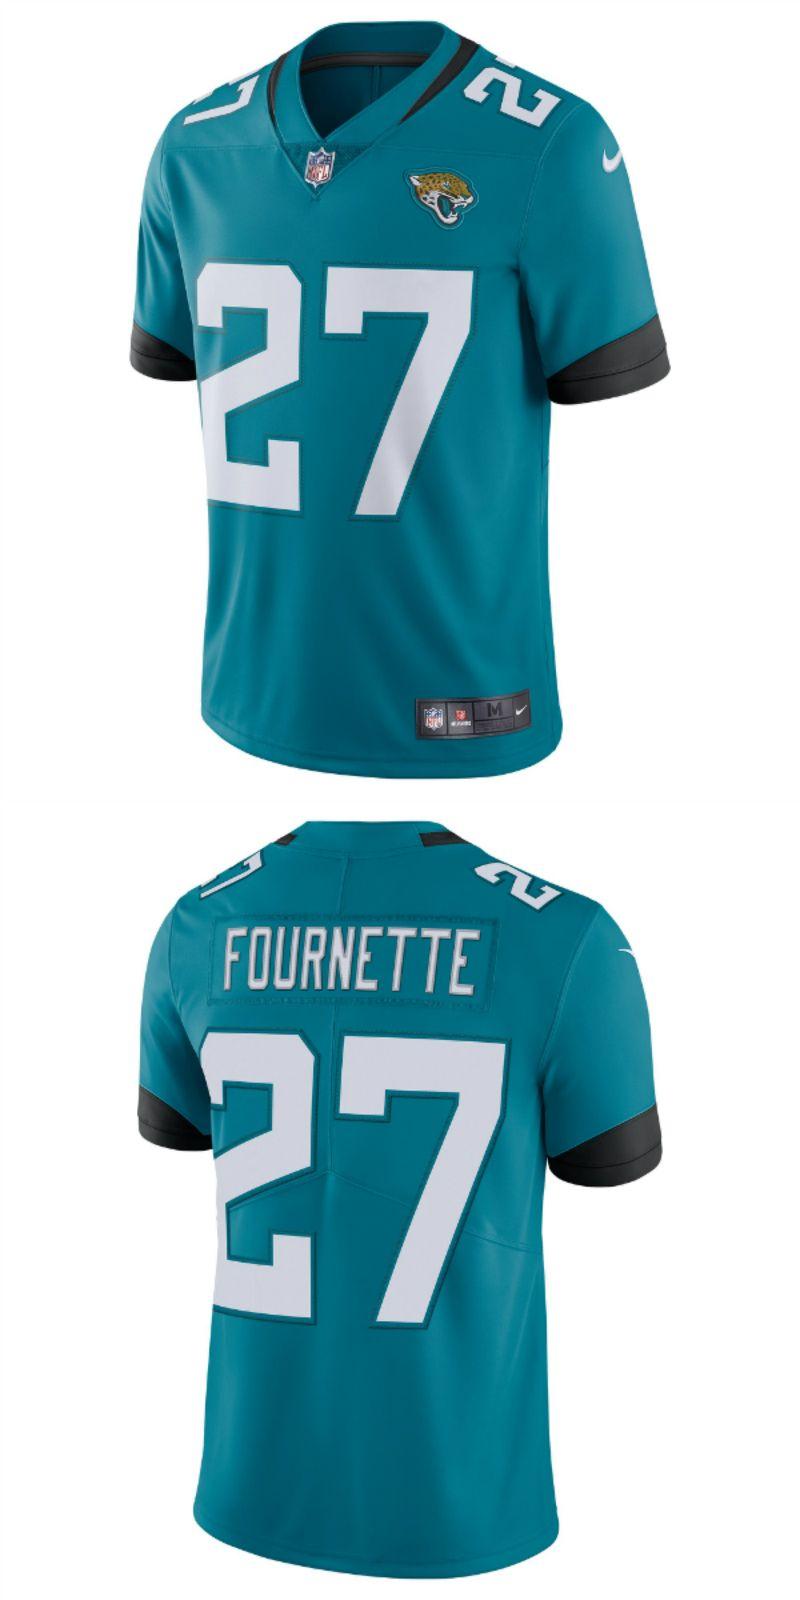 huge discount ca057 c2511 UP TO 70% OFF. Leonard Fournette Jacksonville Jaguars Nike ...